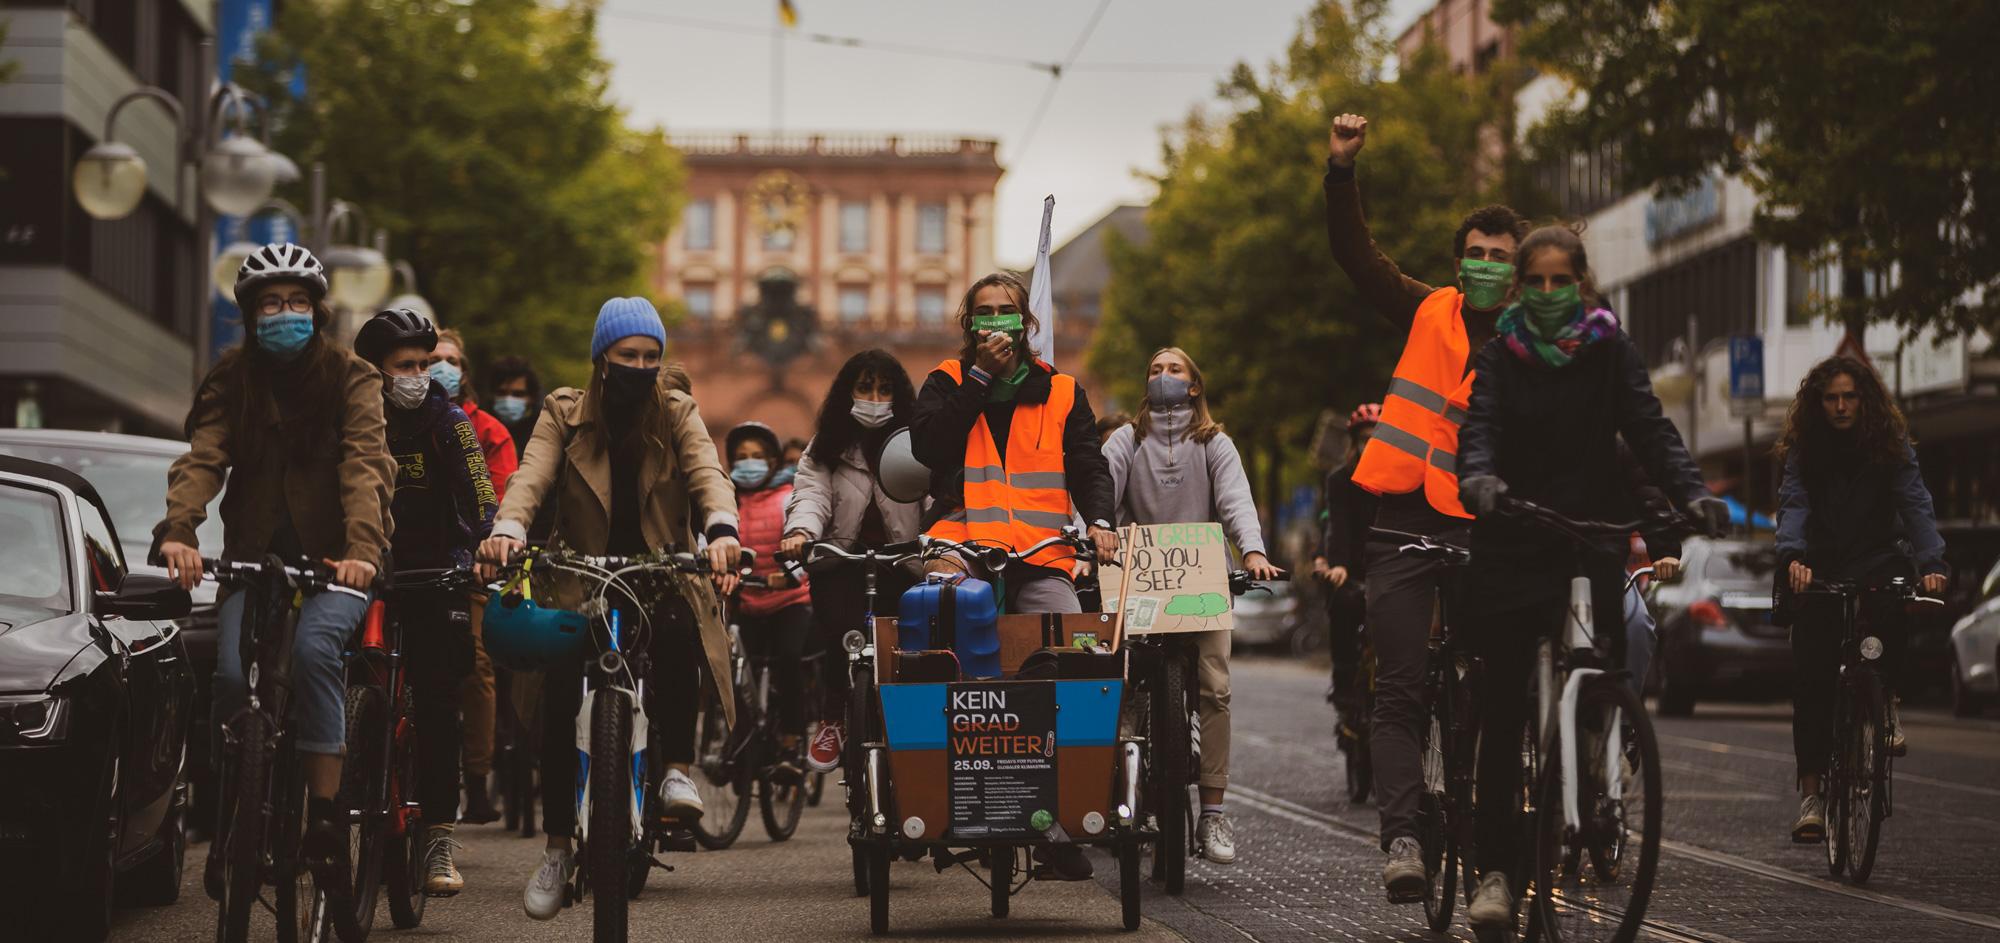 Auf dem Fahrrad und zu Fuß: Fridays for Future streikt weiter für Klimagerechtigkeit [mit Bildergaliere und Video]